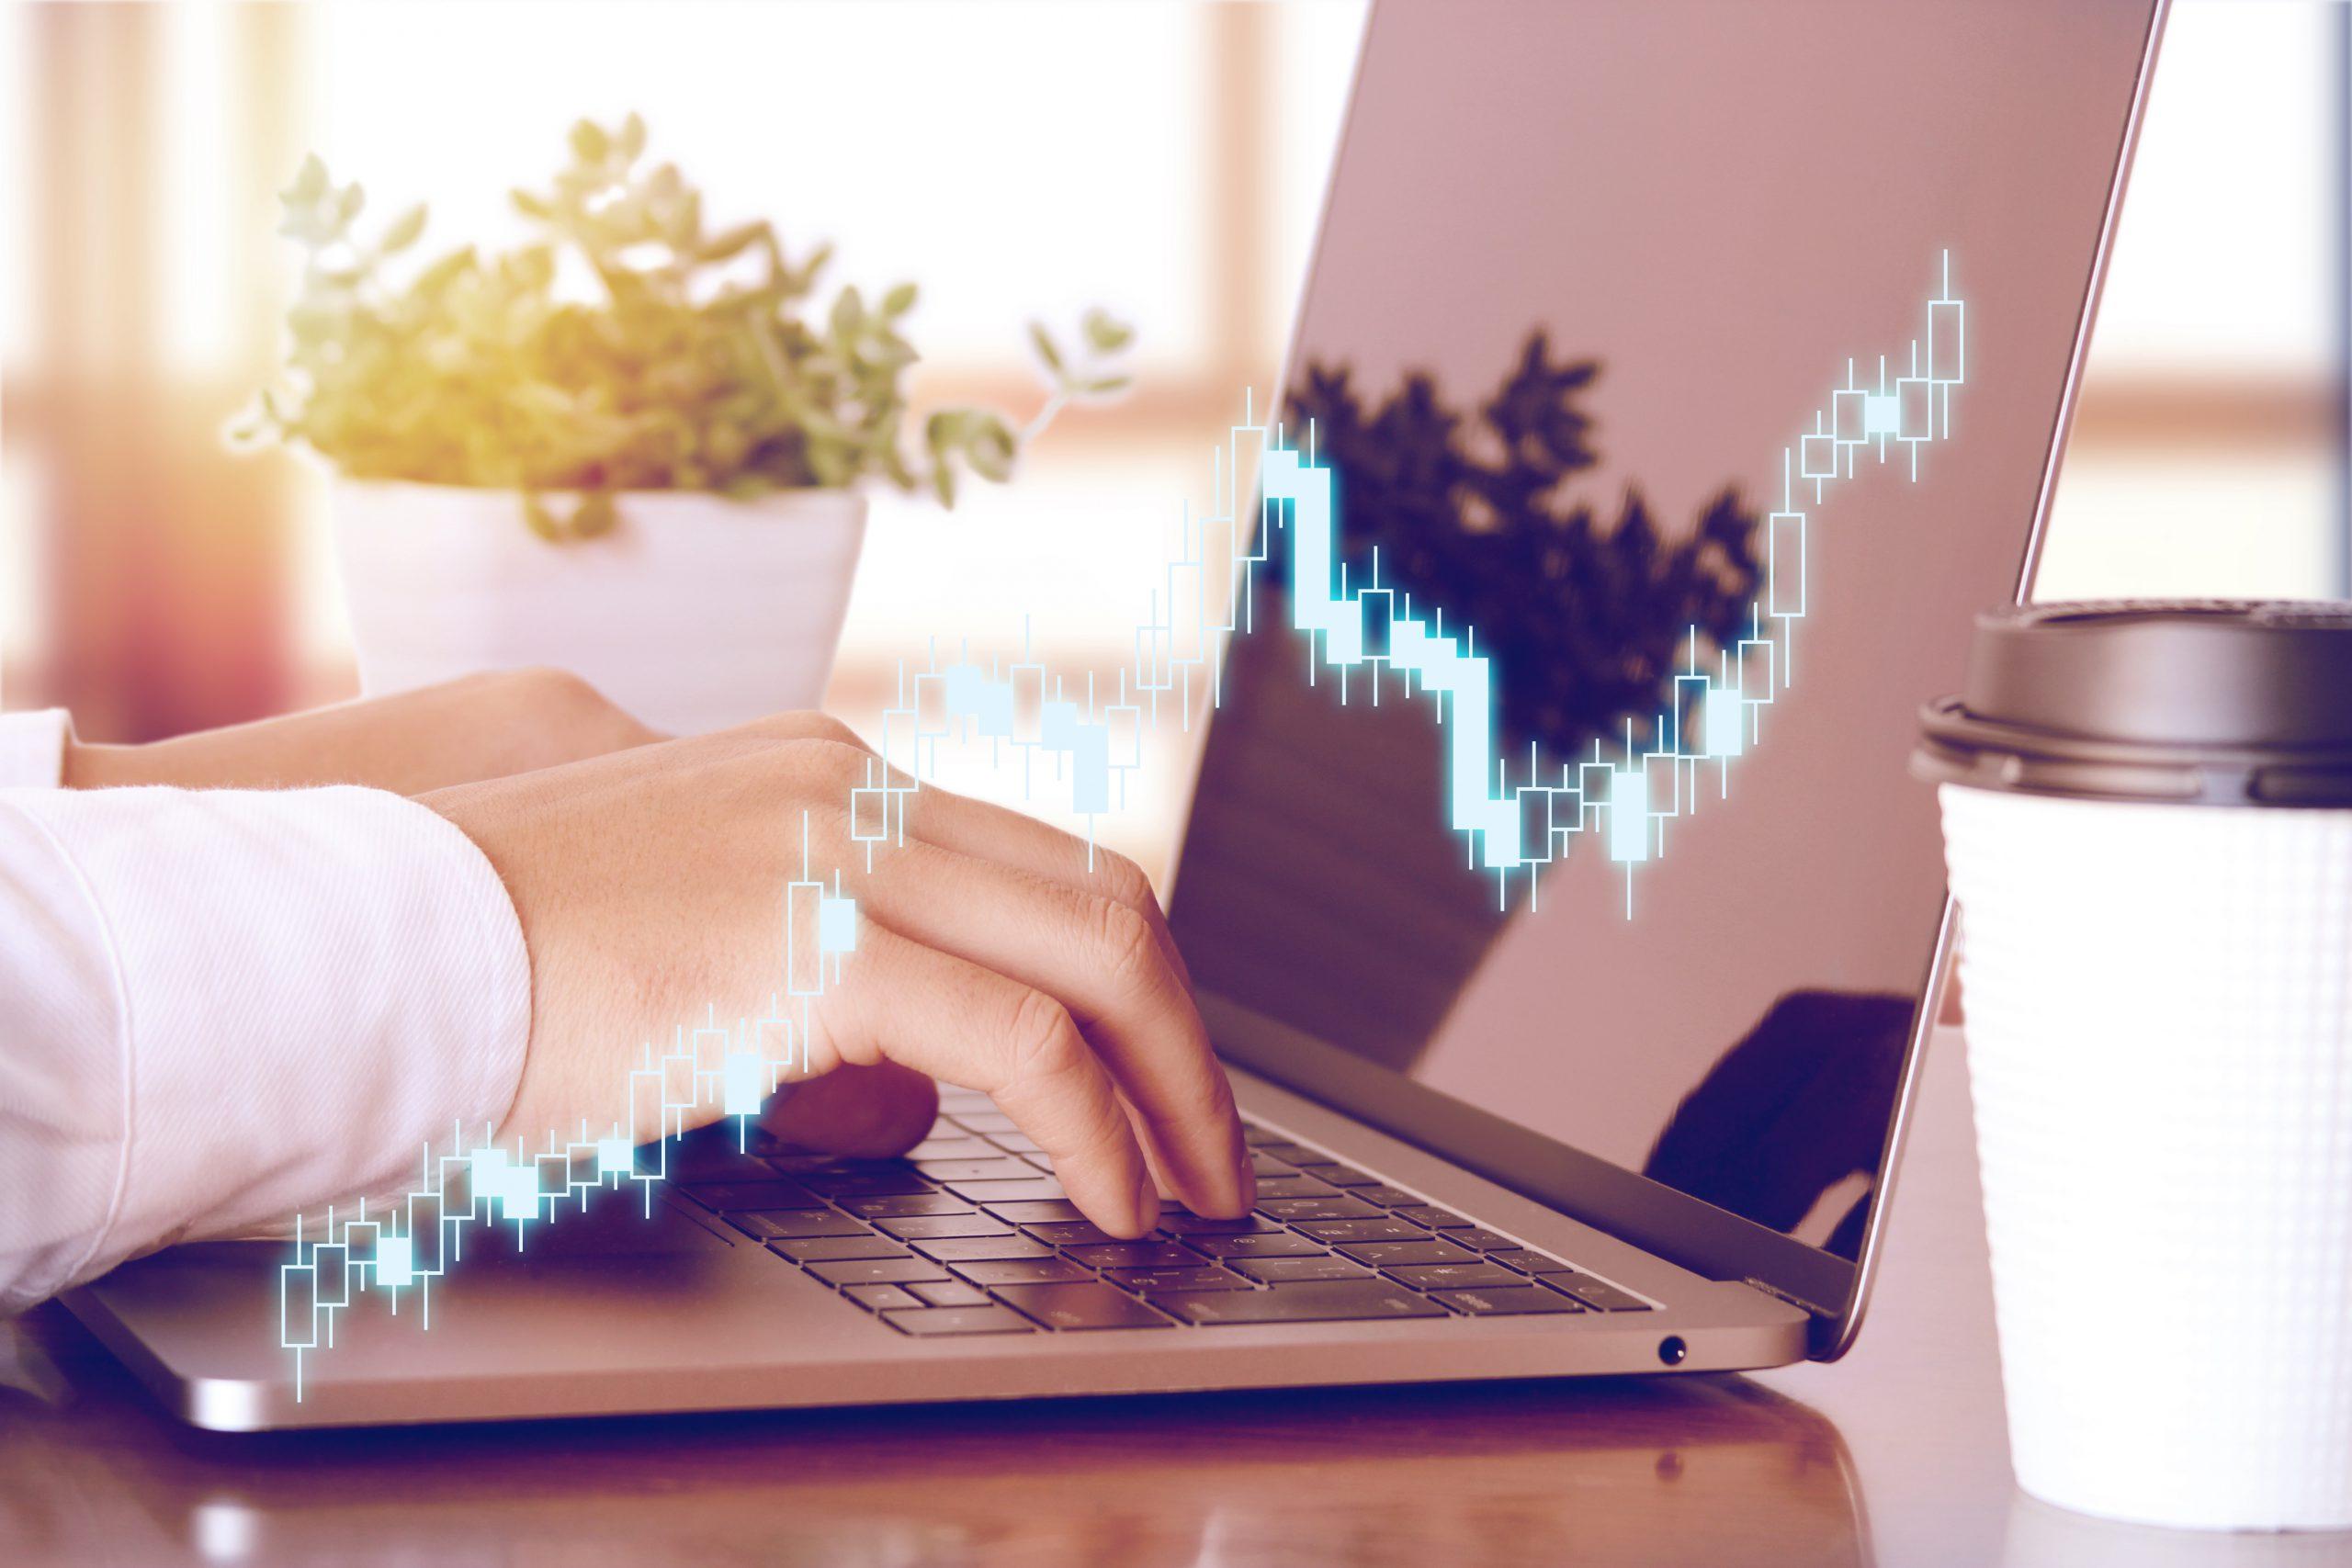 信用 日 計り SBI証券、株式委託手数料および「日計り信用」買方金利・貸株料の年率0%枠の引き下げのお知らせ 投稿日時: